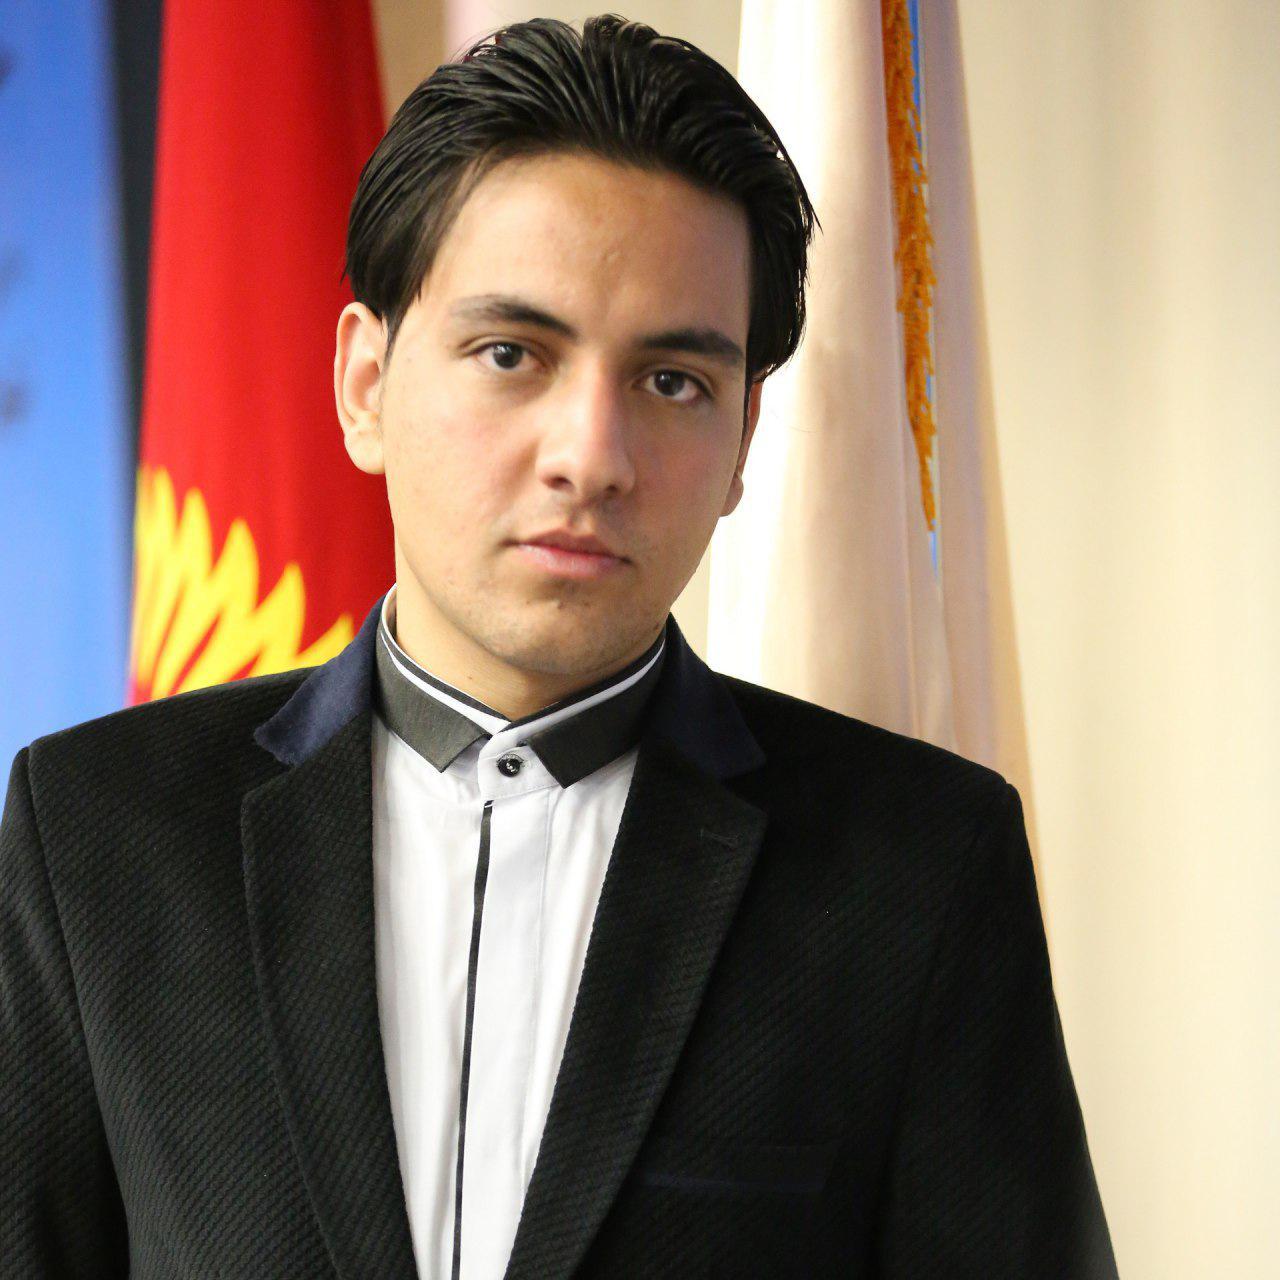 محمد شاکری